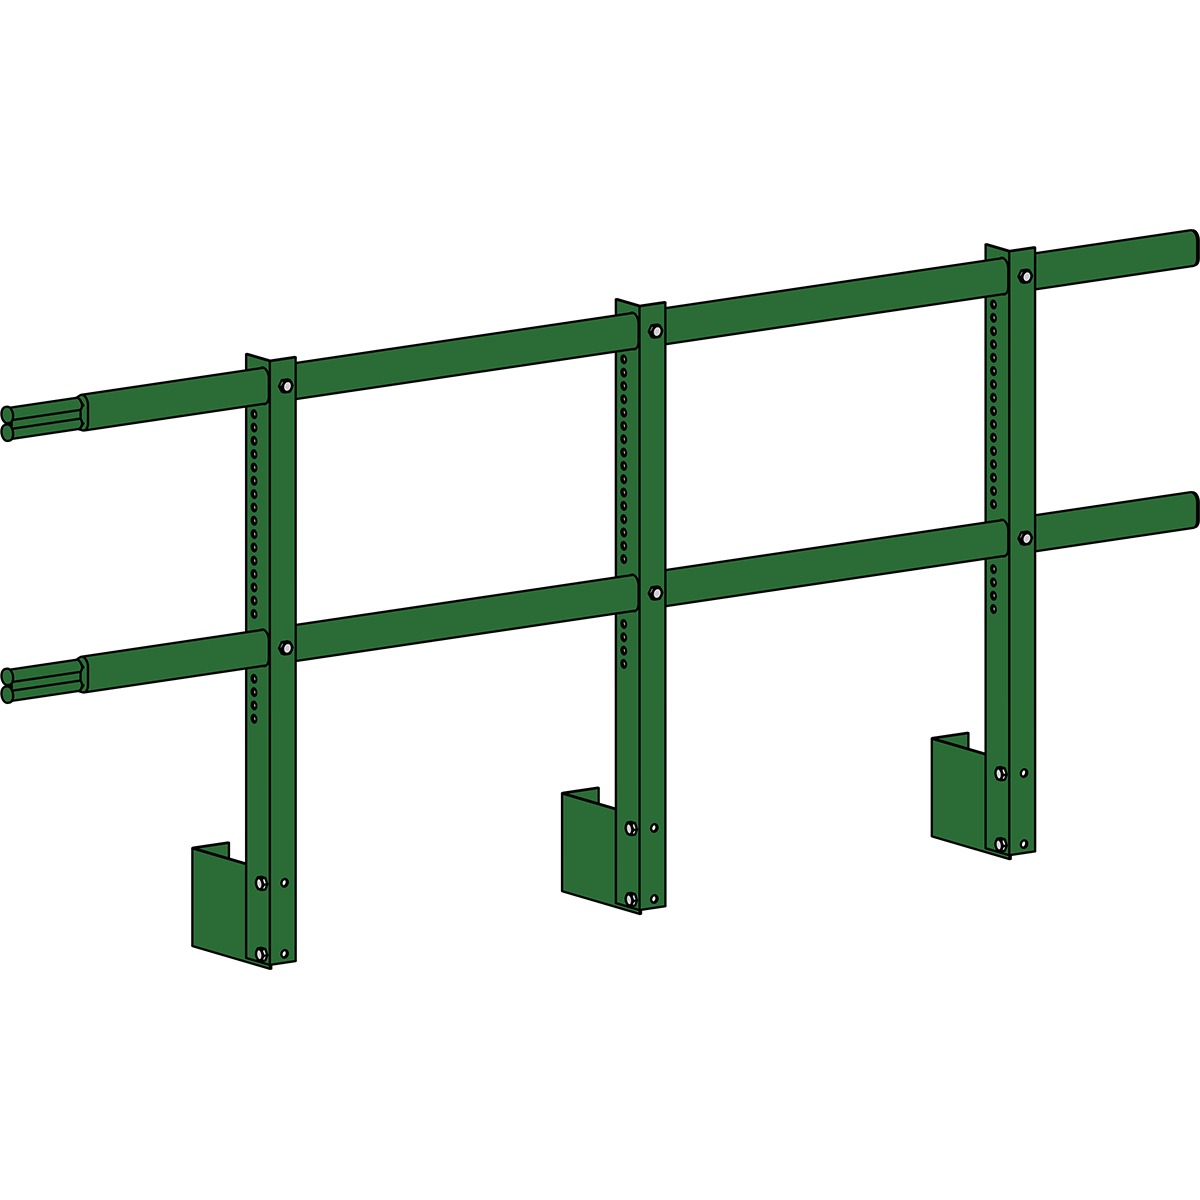 Парапетные ограждения кровли ROOFSYSTEMS Elite H-680 мм 40х20 (овал) RAL 6002 Зеленый лист